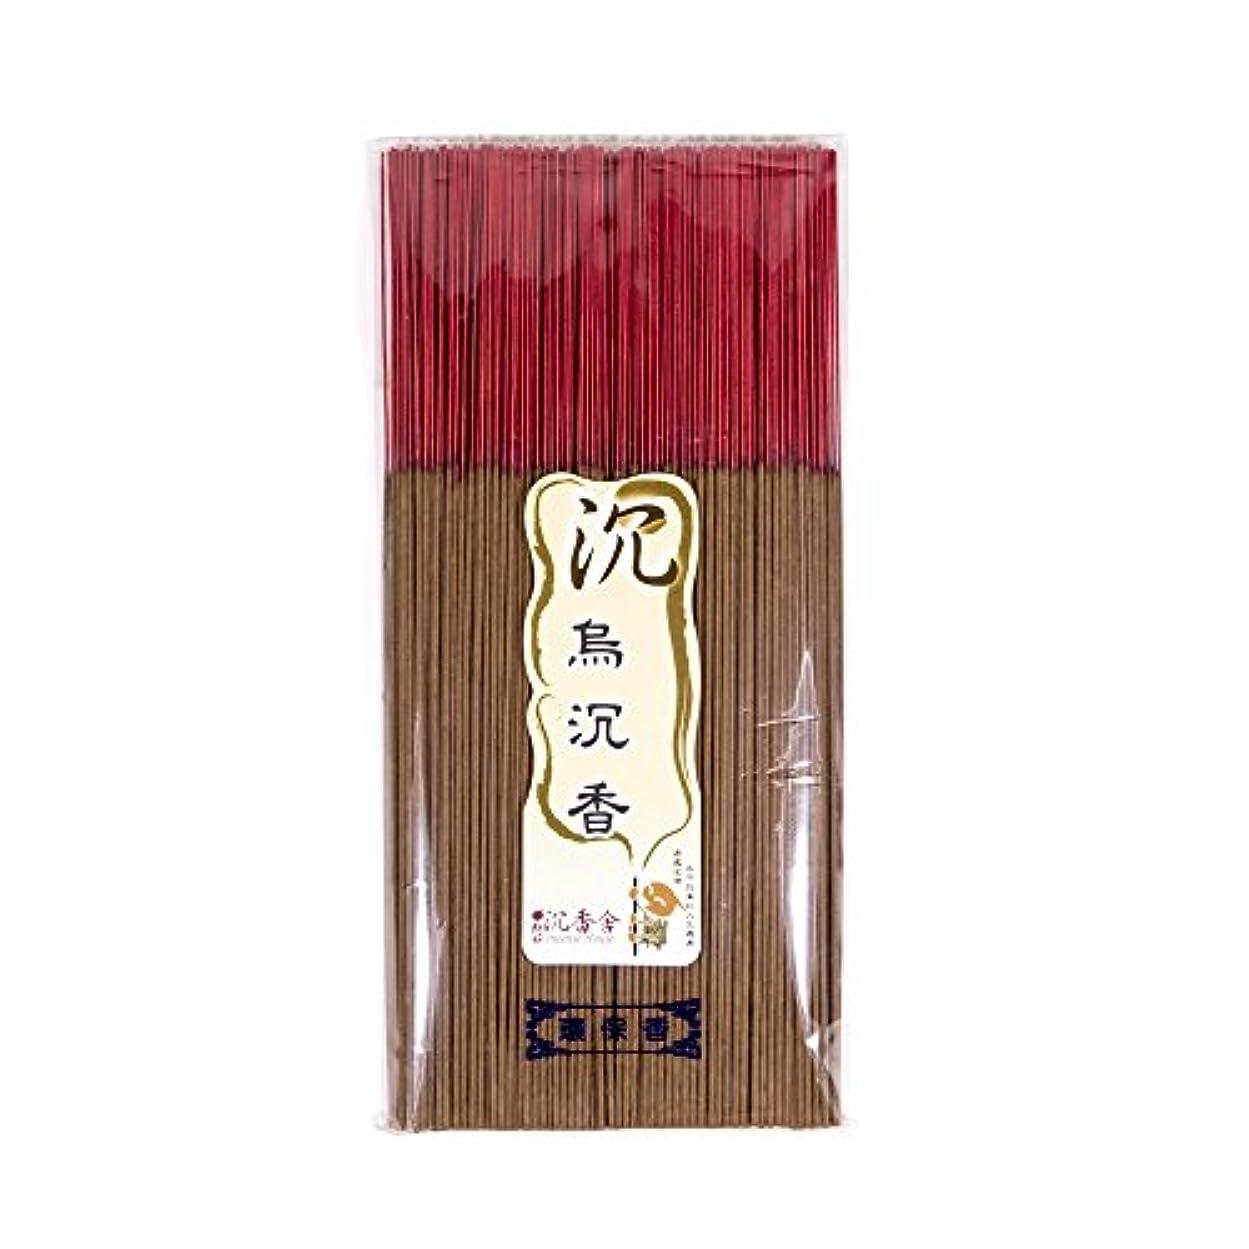 グレートバリアリーフアルコールパーツ台湾沉香舍 烏沈香 台湾のお香家 - 沈香 30cm (木支香) 300g 約400本